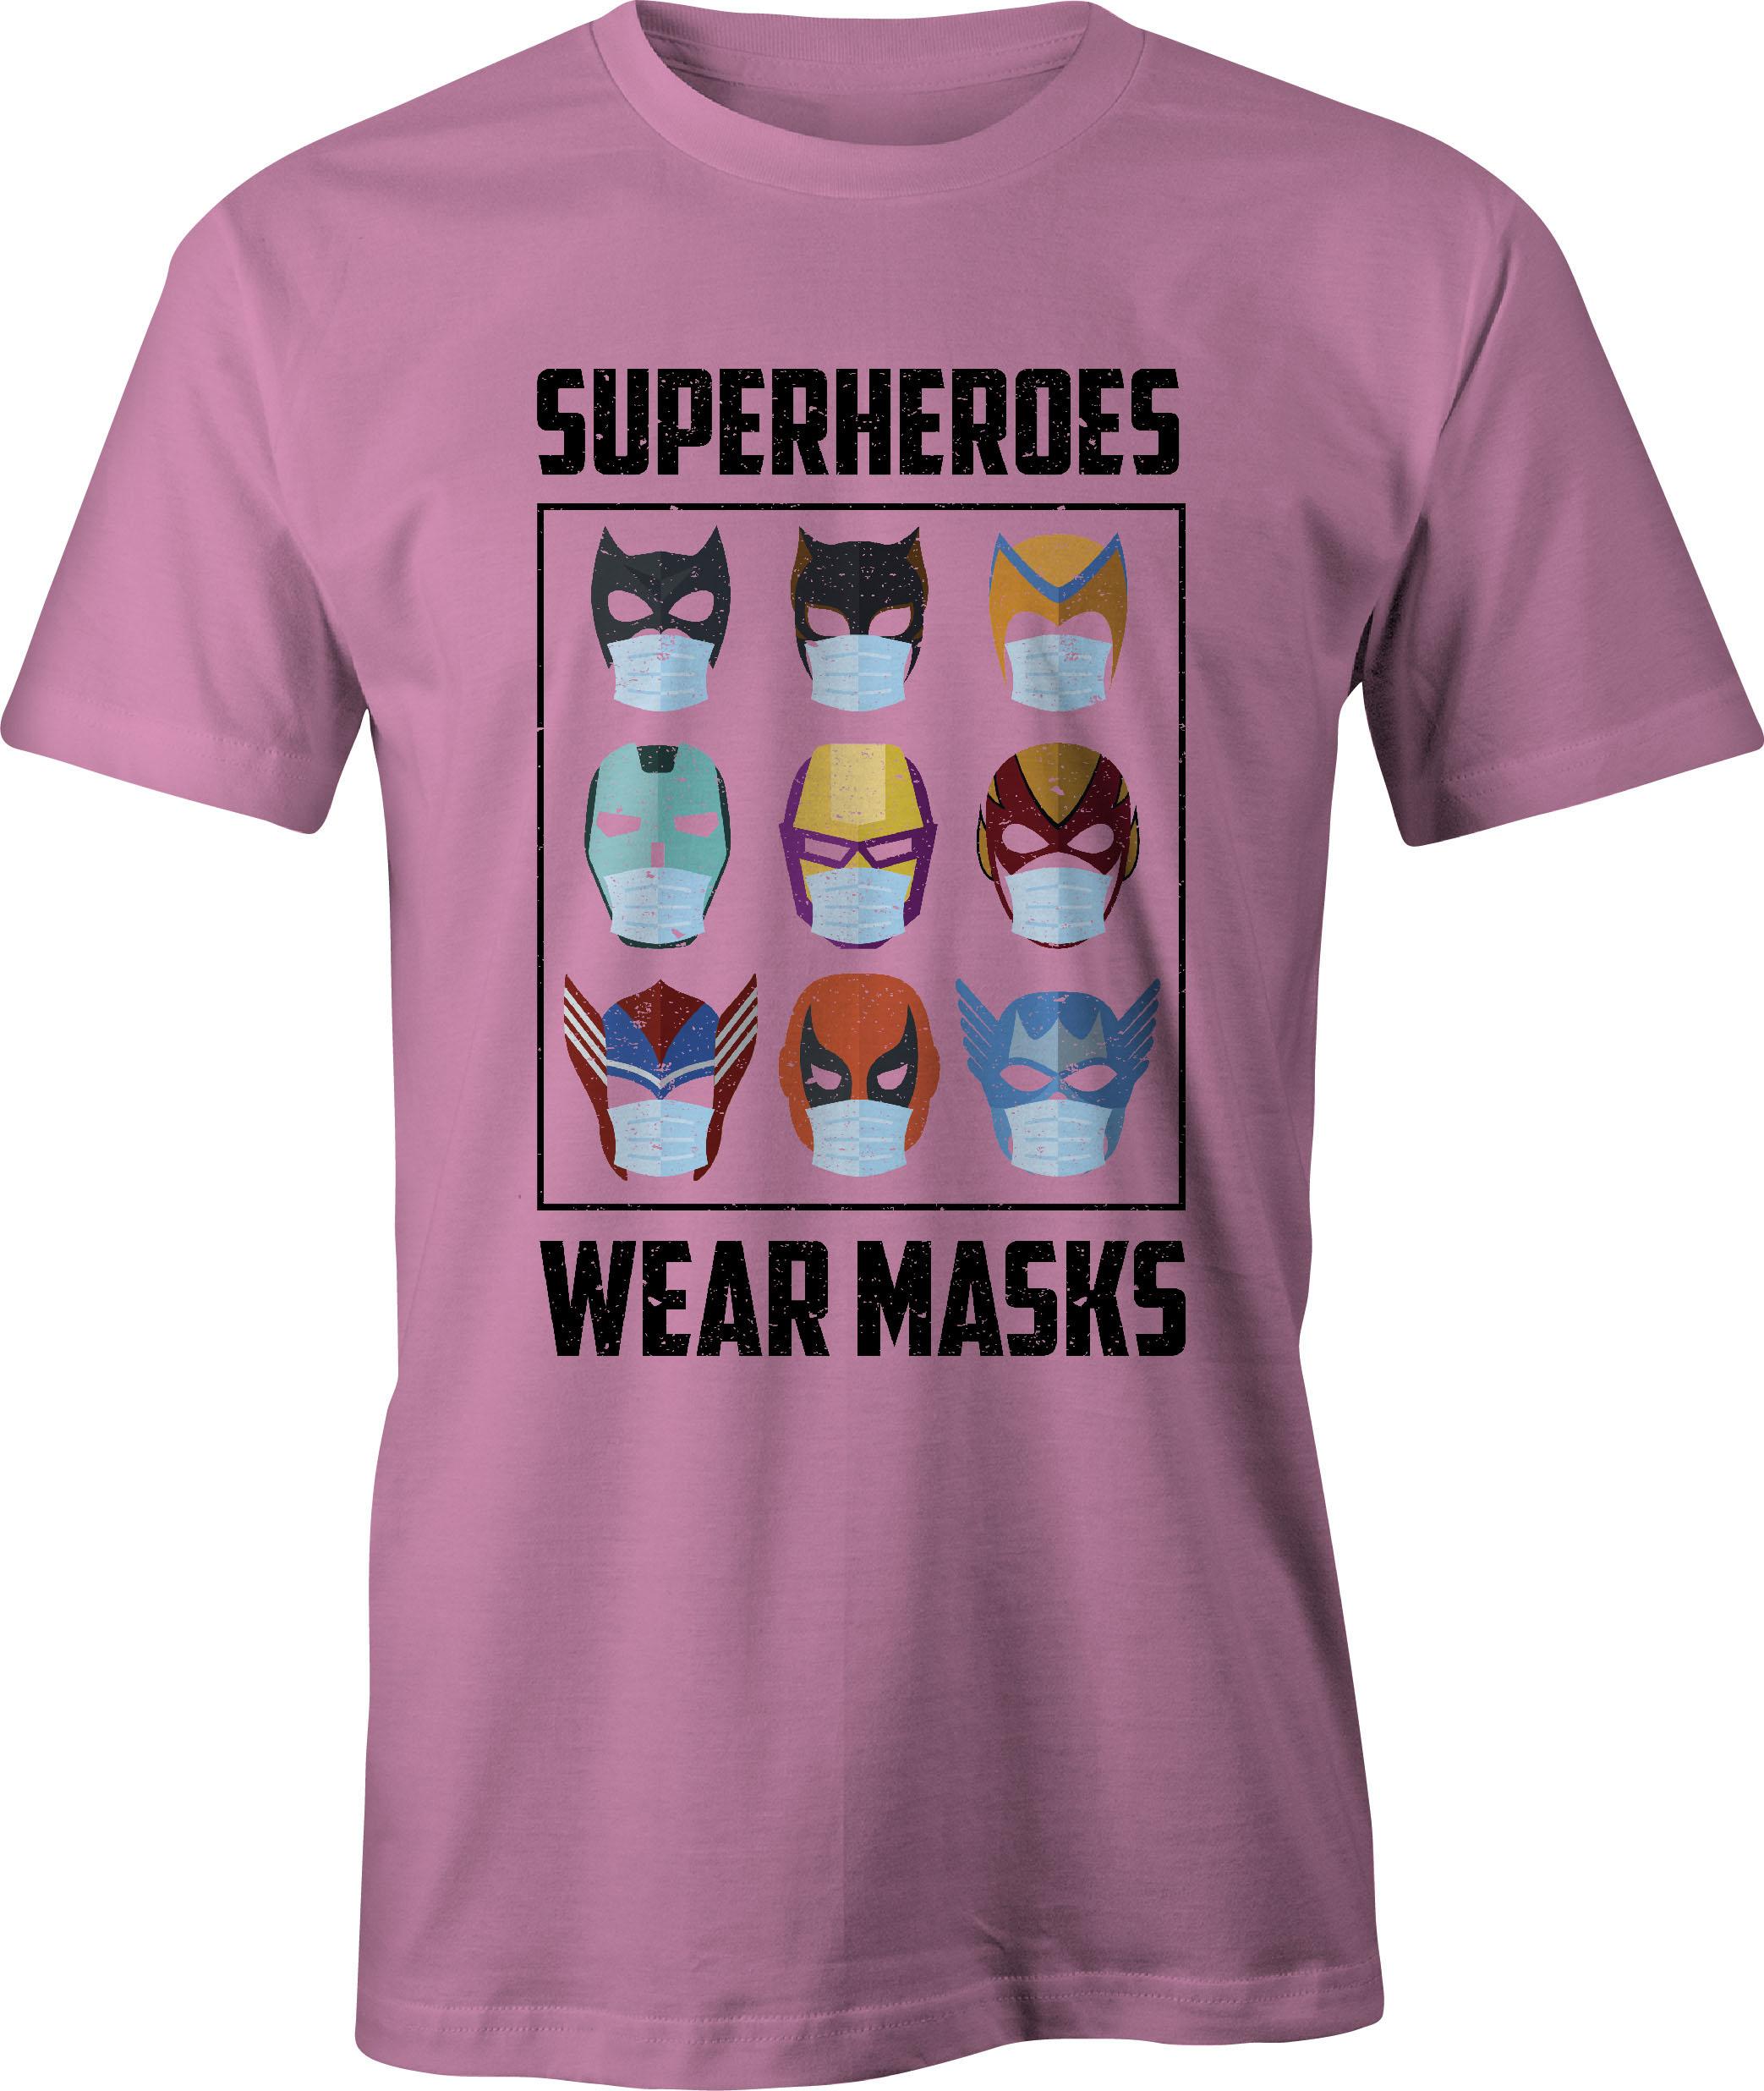 Superheroes Wear Masks T-Shirt in Azalea Pink